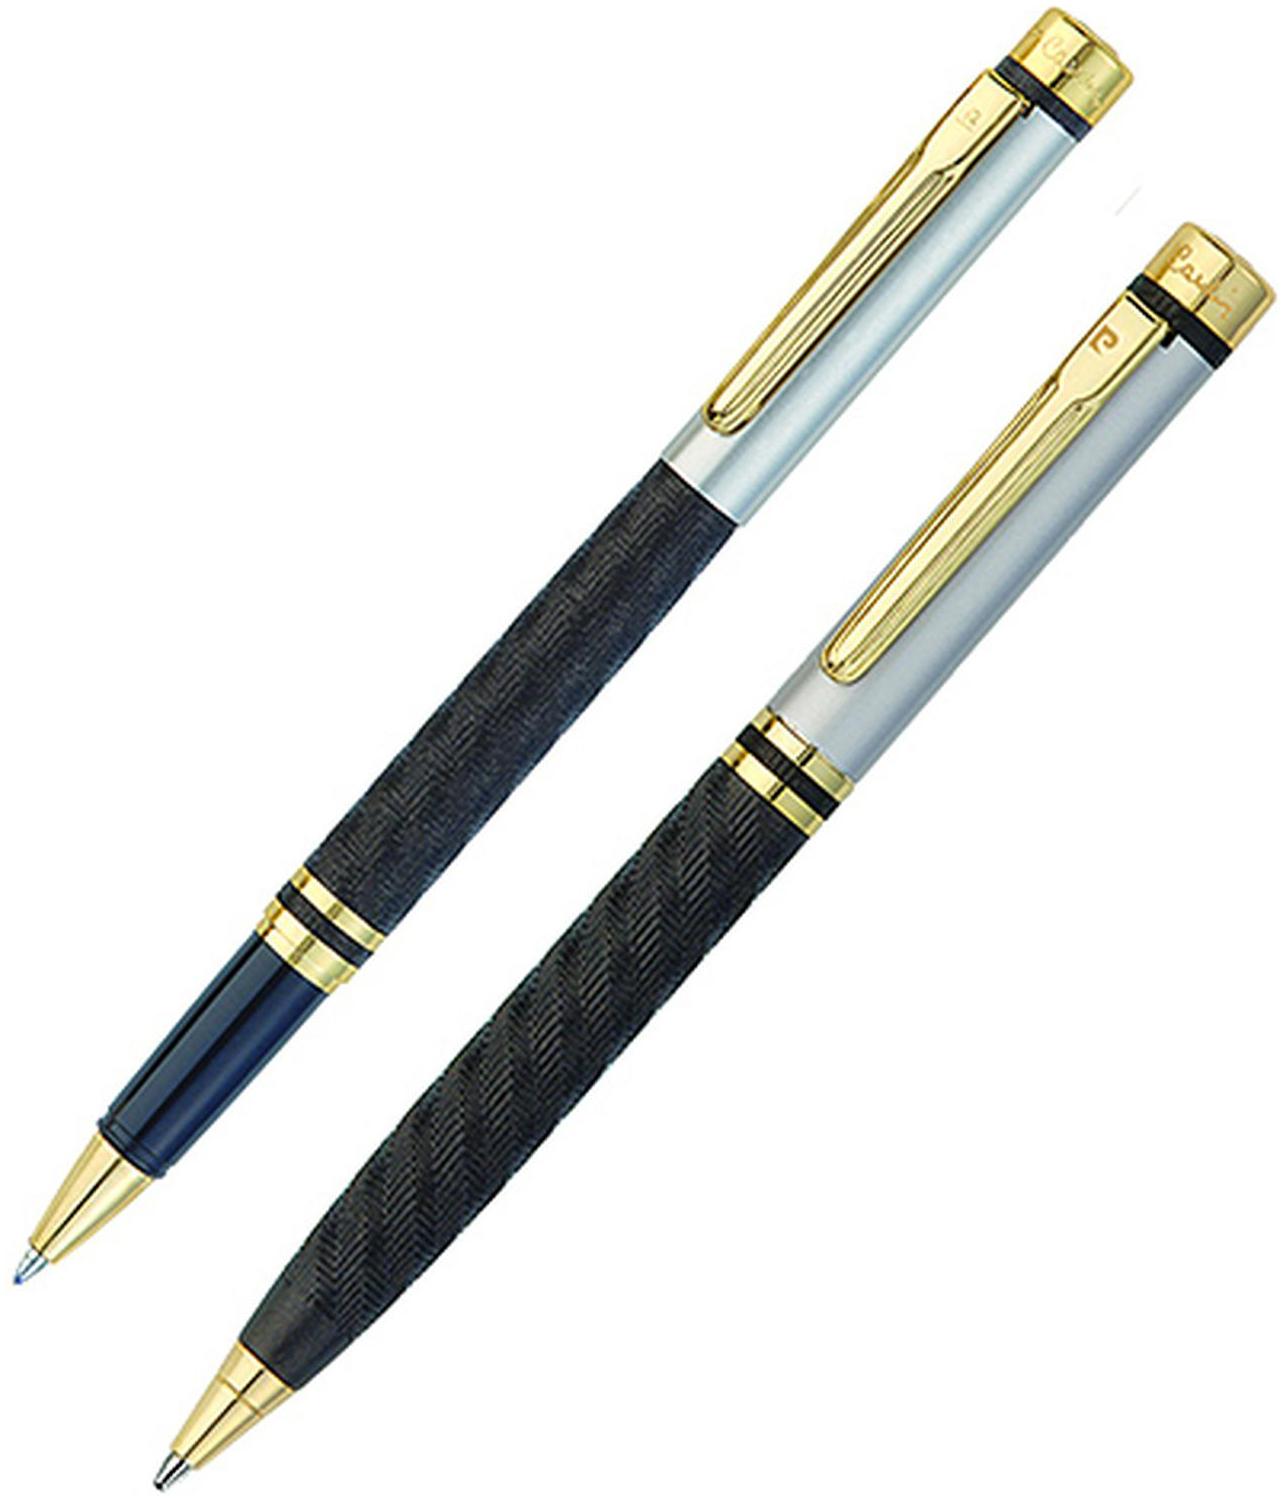 Набор подарочный Pierre Cardin Pen#and#Pen - Matte Black, шариковая ручка + ручка-роллер, M